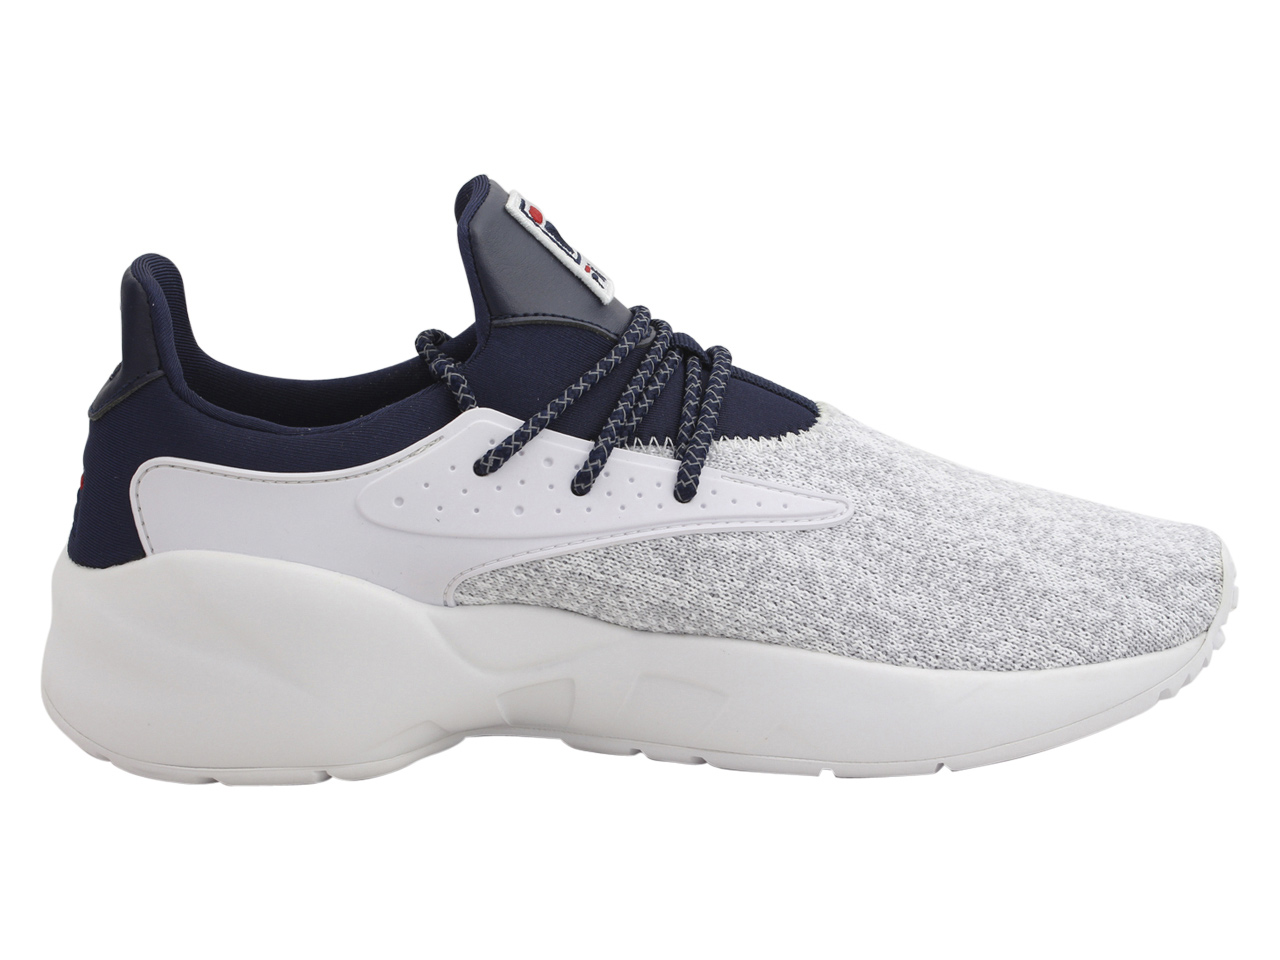 c01901d33bc8 Fila-Men-039-s-Mindbreaker-Sneakers-Shoes